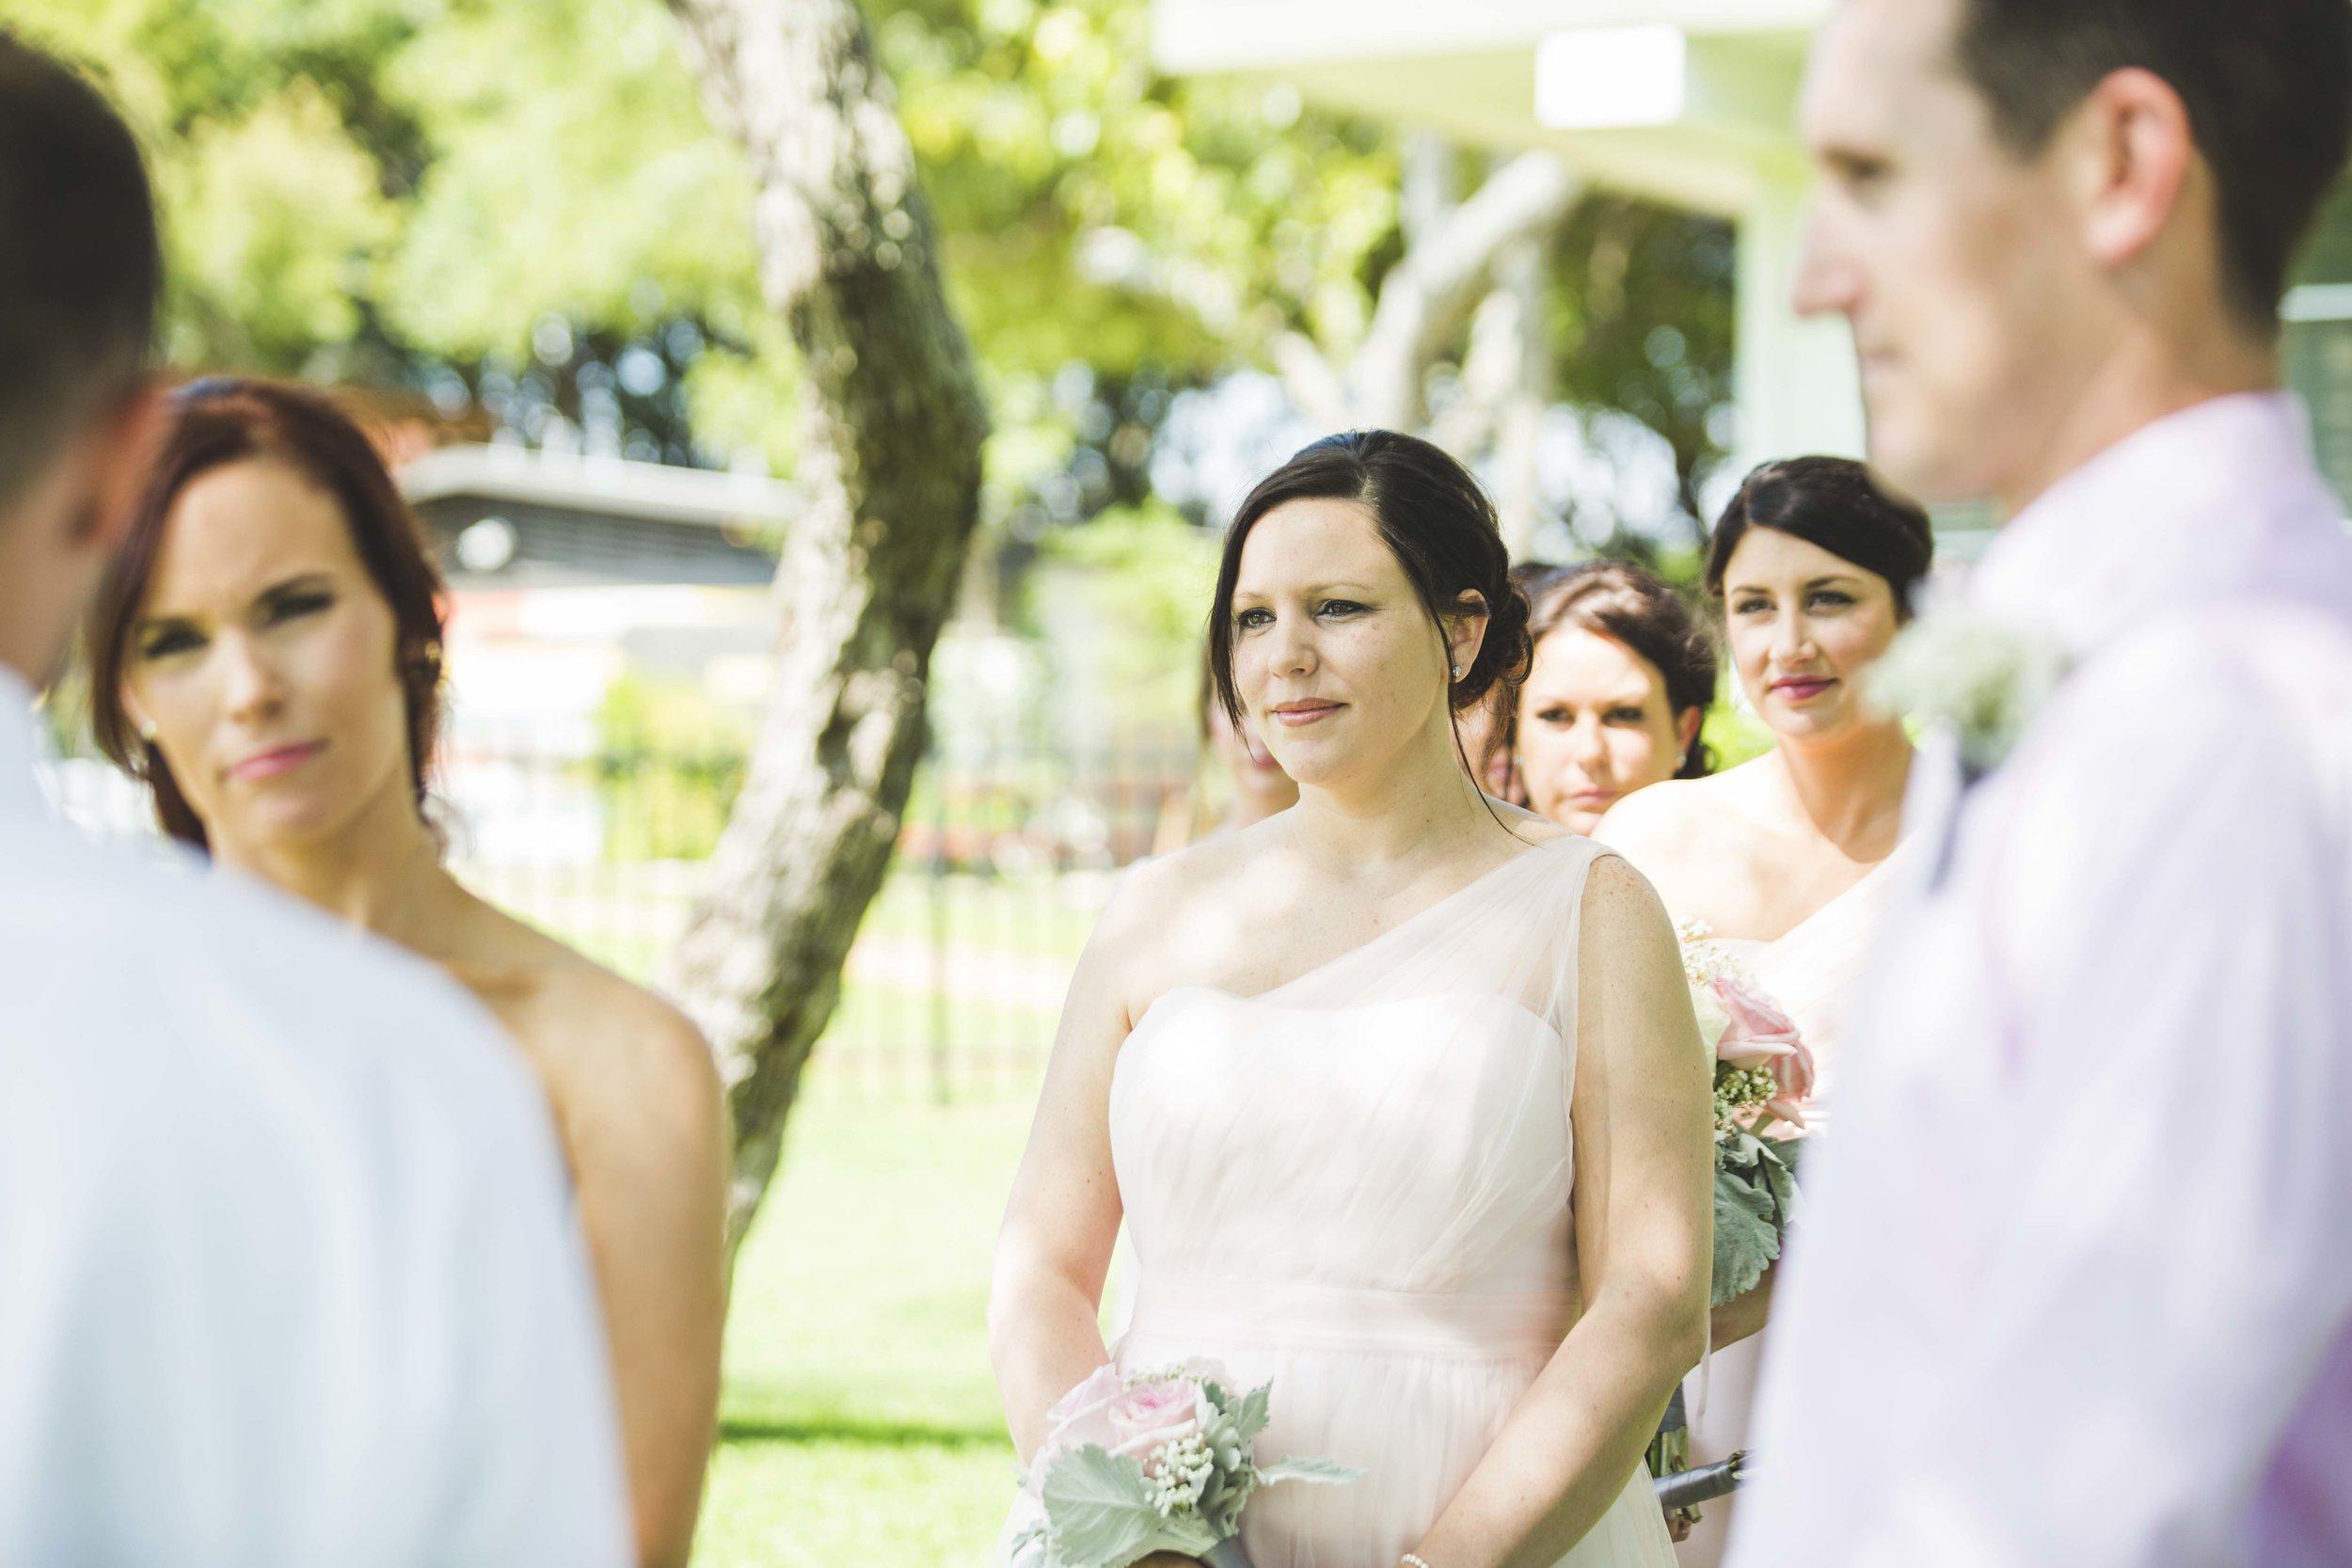 ATGI_Susanna & Matt Wedding_717A7769.jpg